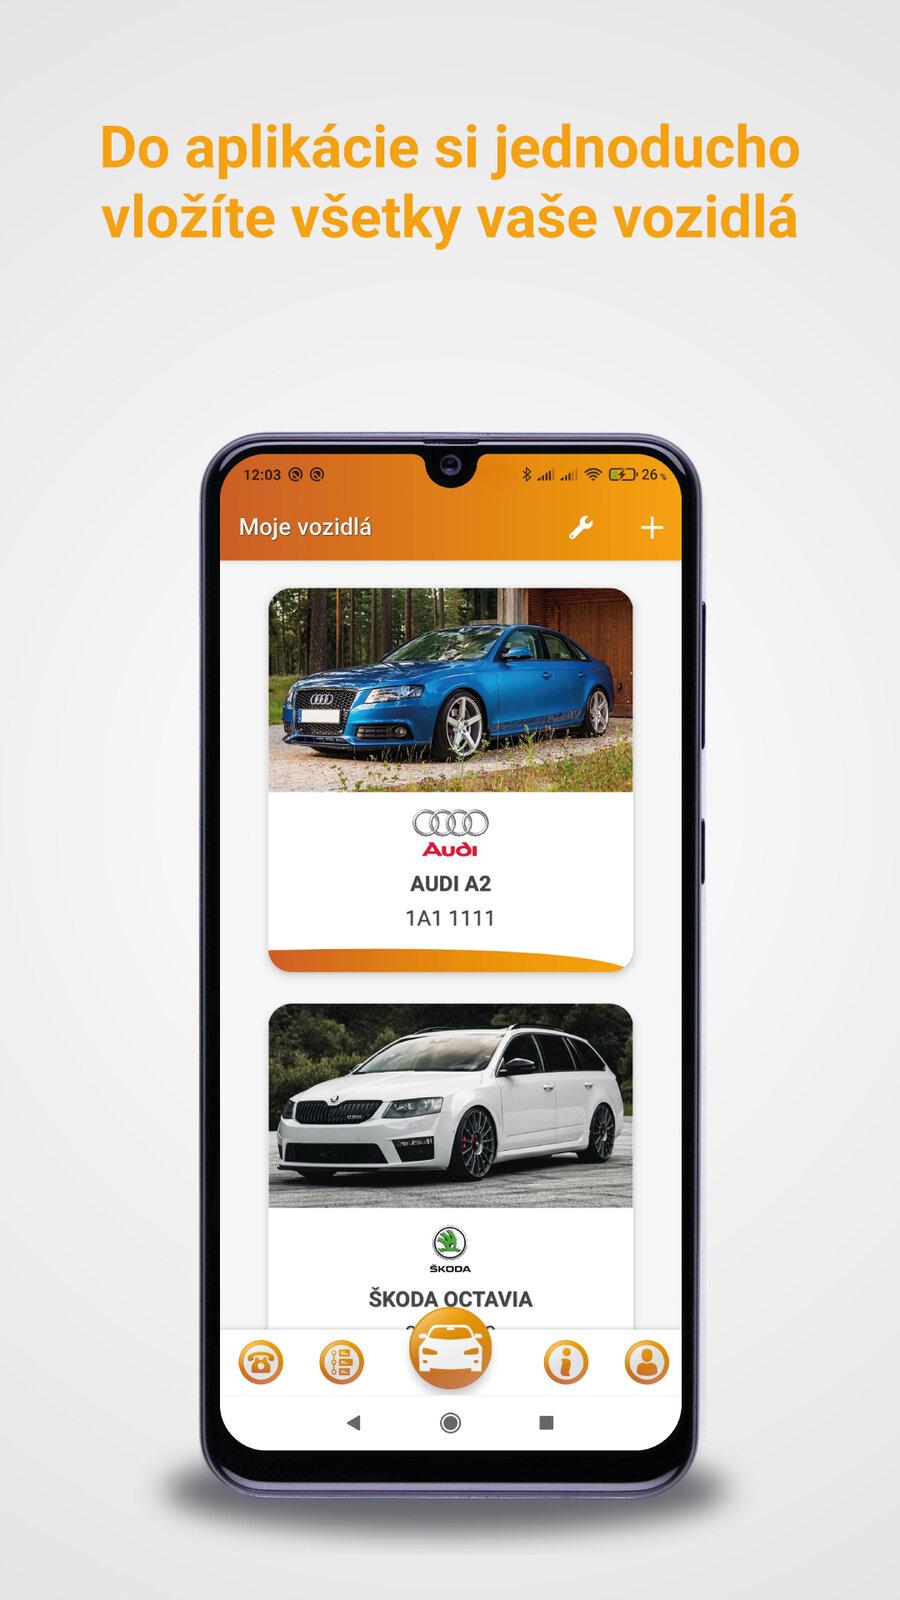 AutoMobil_Google Play Screen_SK_1